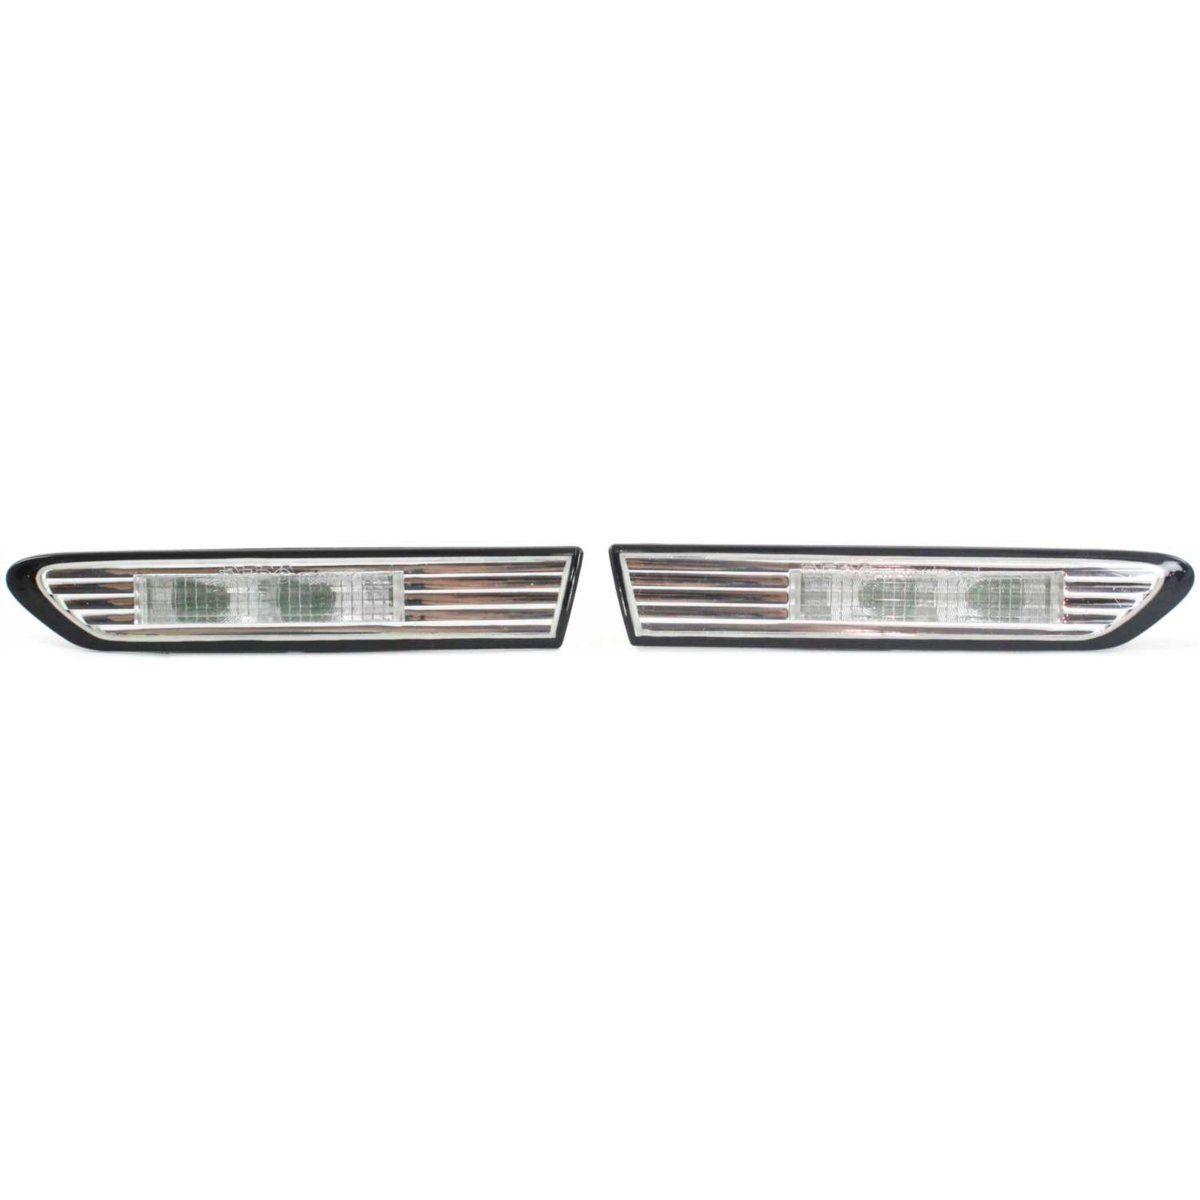 コーナーライト StyleLine New Set of 2 Side Markers Corner Lamp Parking Light Cornerlight Pair StyleLine 2サイドマーカーの新しいセットコーナーランプパーキングライトコーナーライトペア